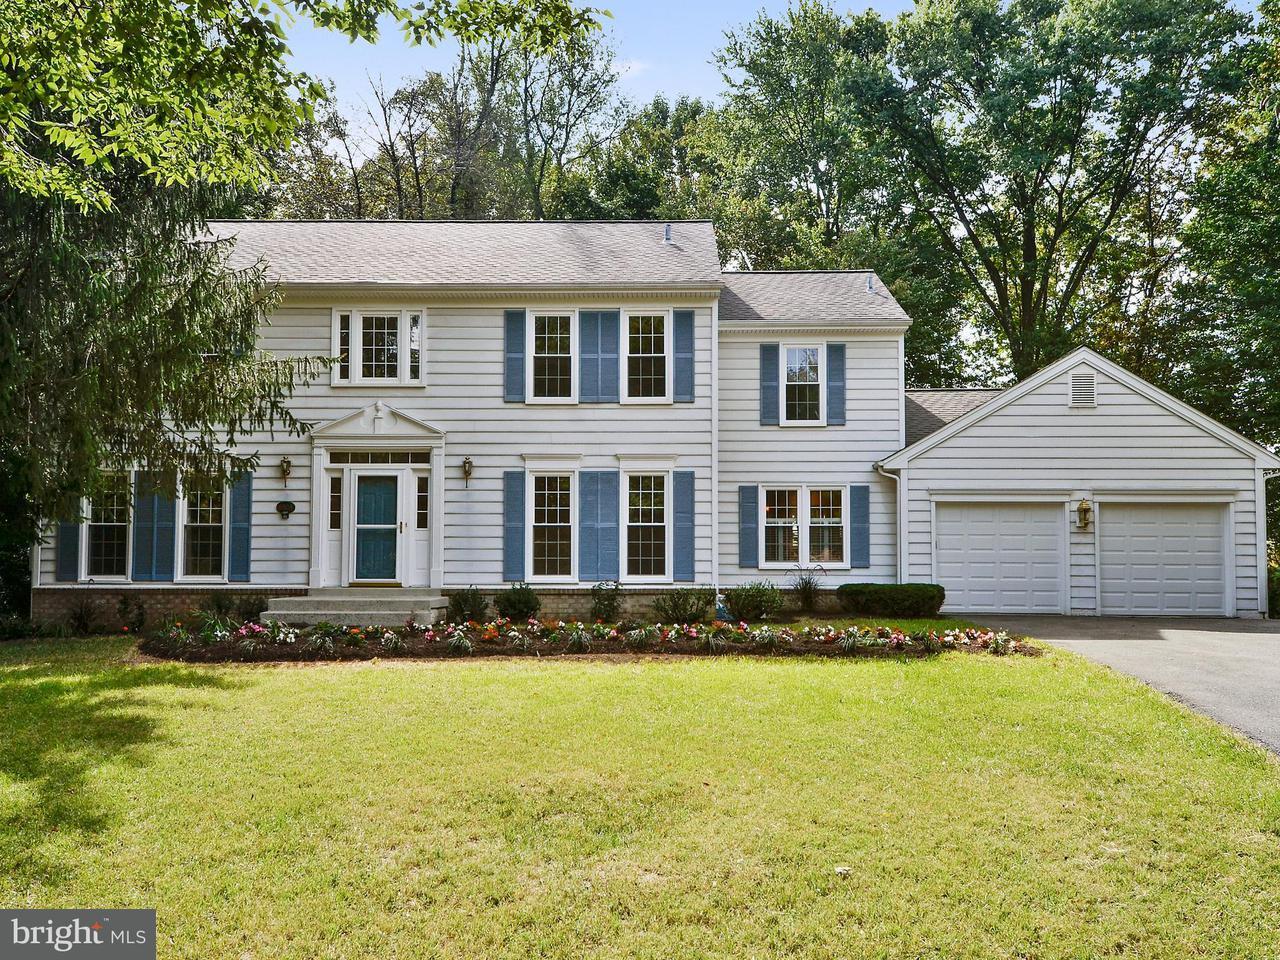 Maison unifamiliale pour l Vente à 8503 SILVERFIELD Circle 8503 SILVERFIELD Circle Montgomery Village, Maryland 20886 États-Unis